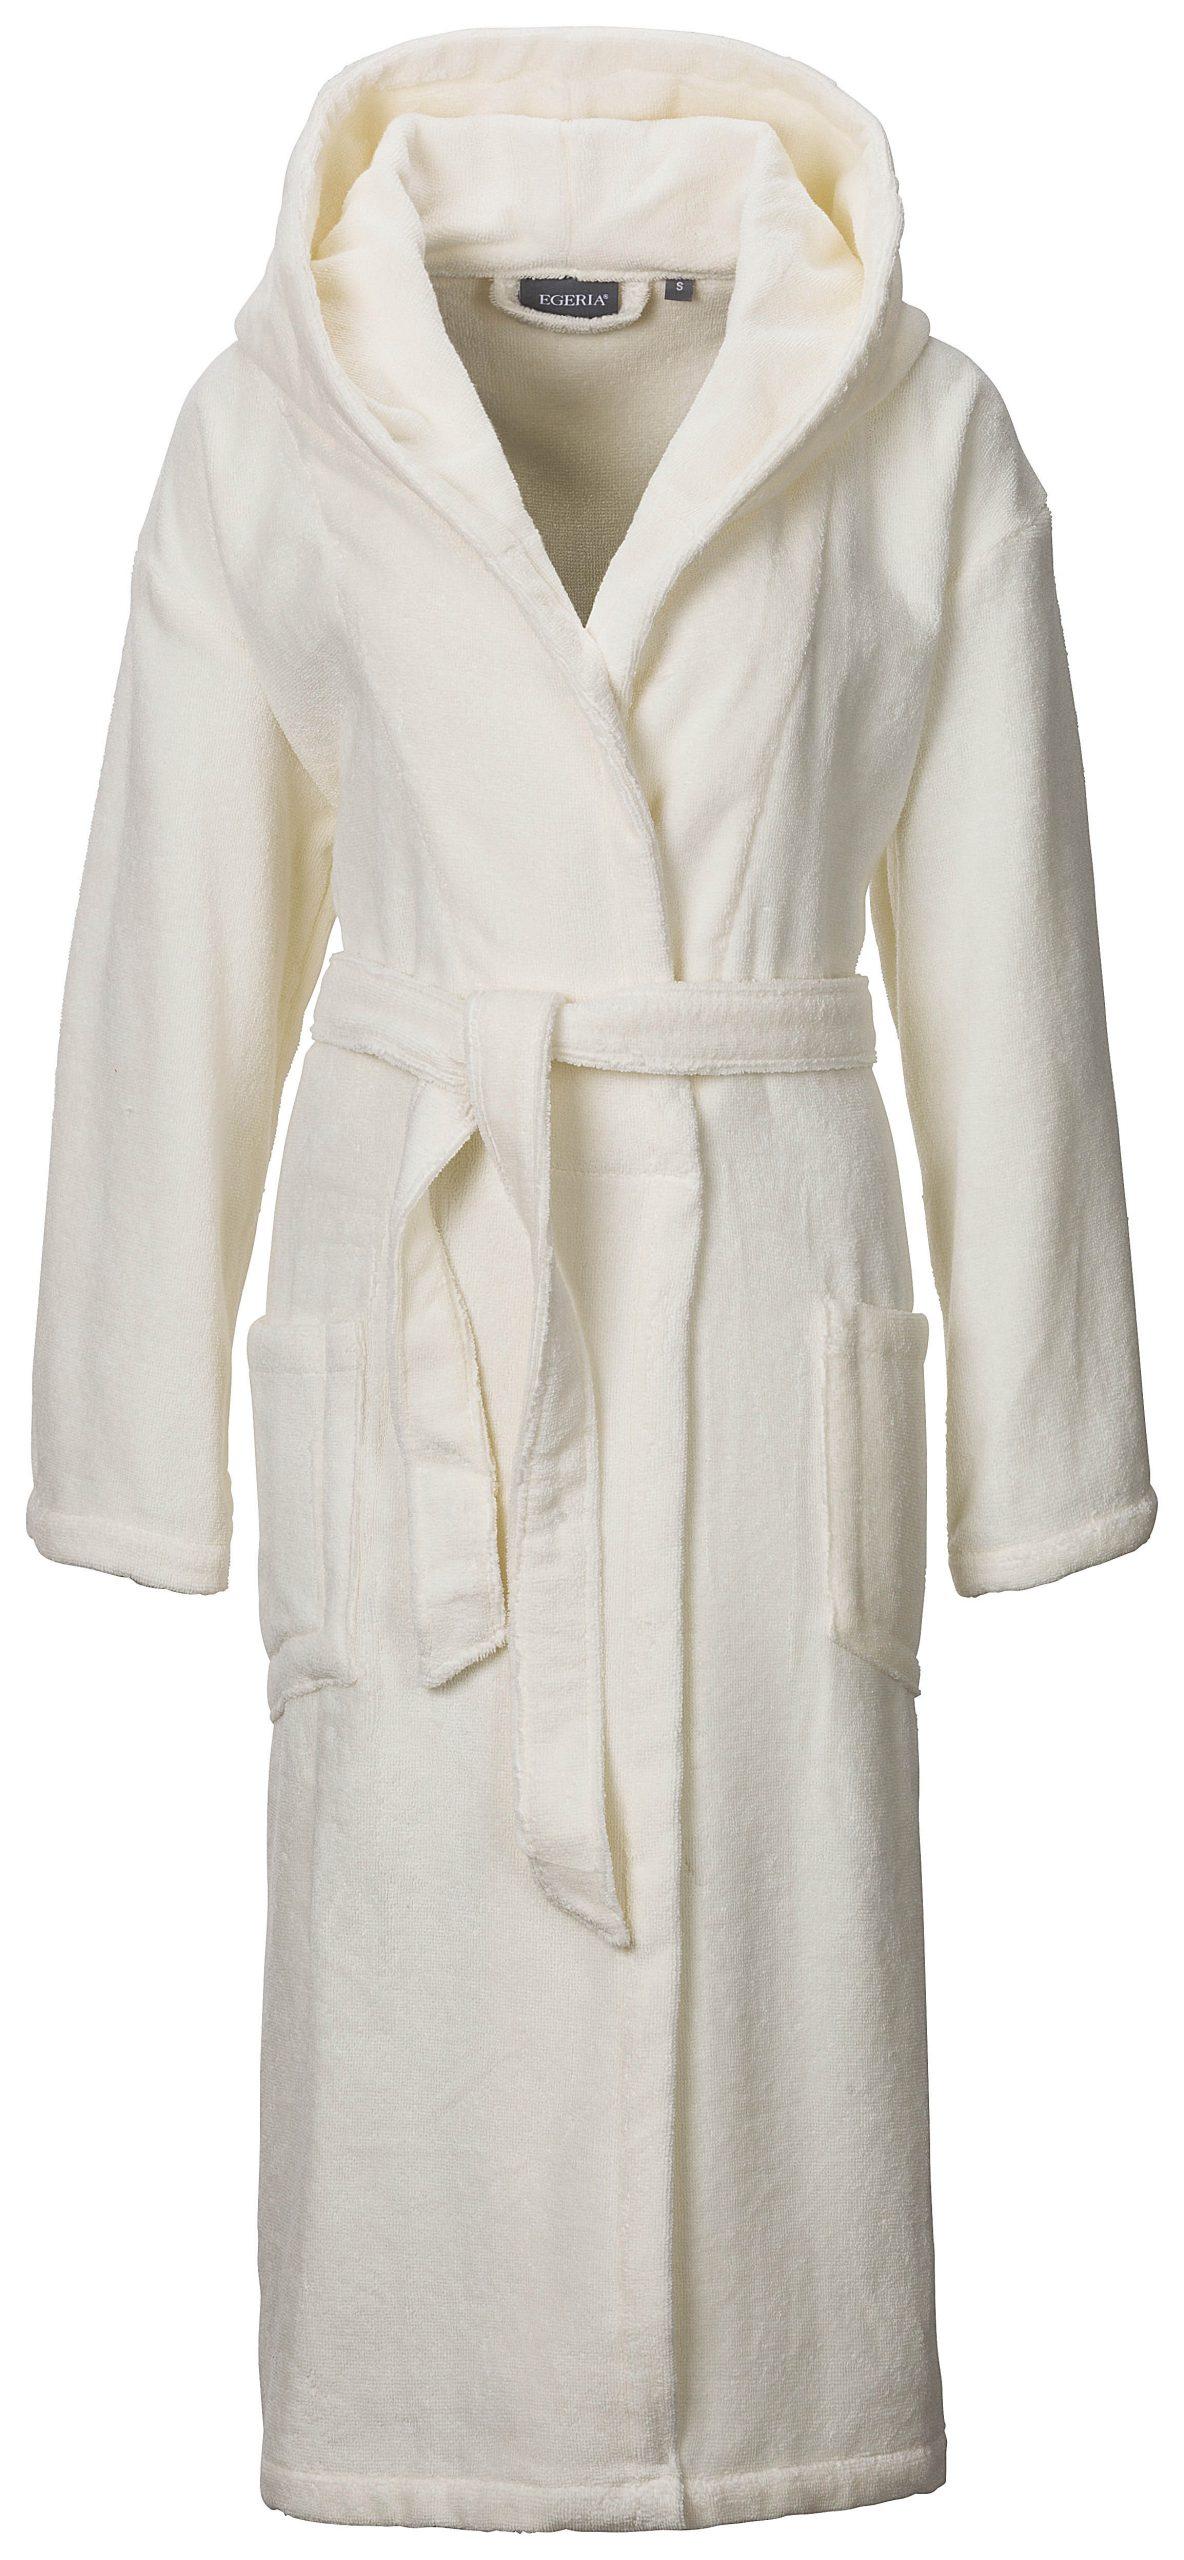 Crème badjas met capuchon van lichtgewicht badstof van Egeria-0